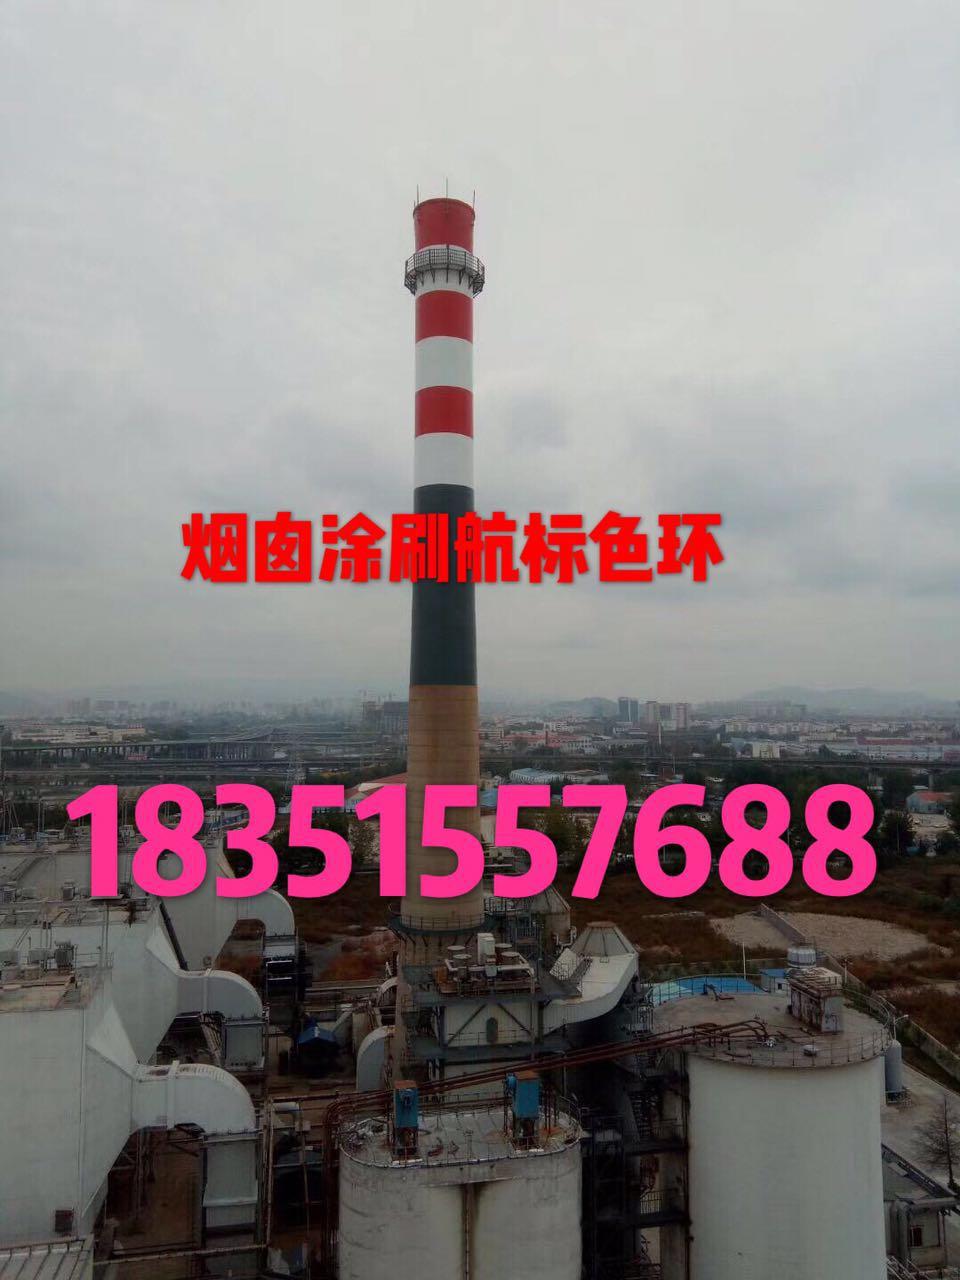 鼎城区安装更换避雷针公司